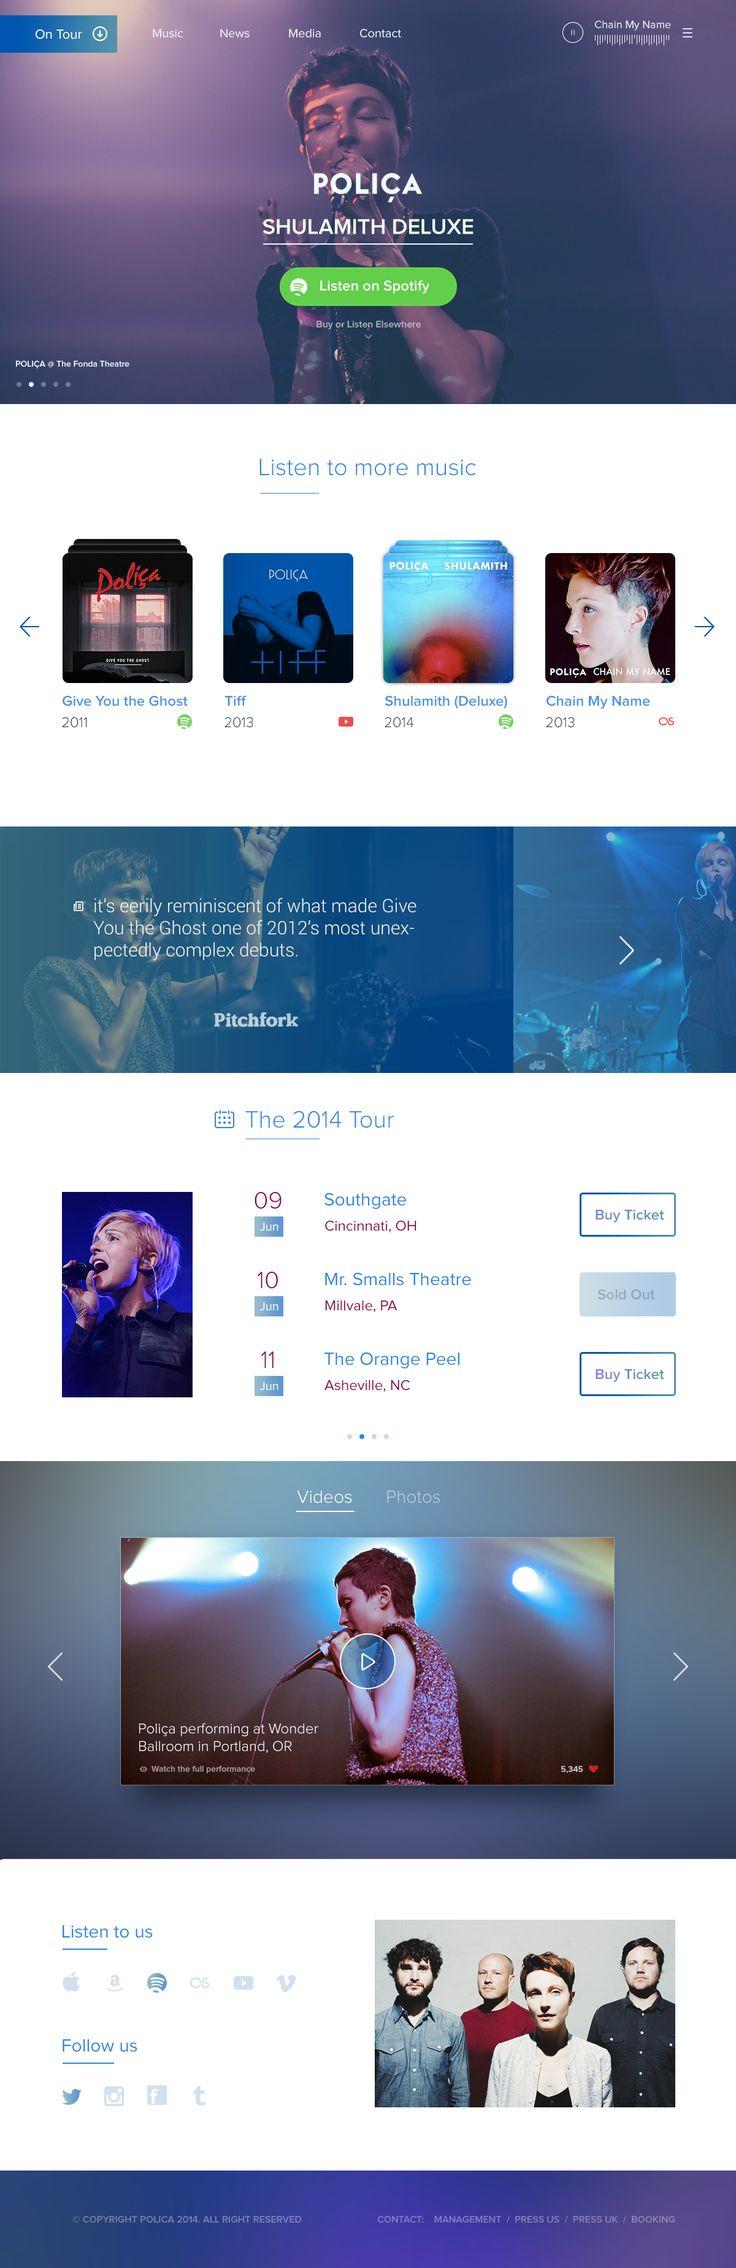 Music Web UI - Blur background - Transparent Color